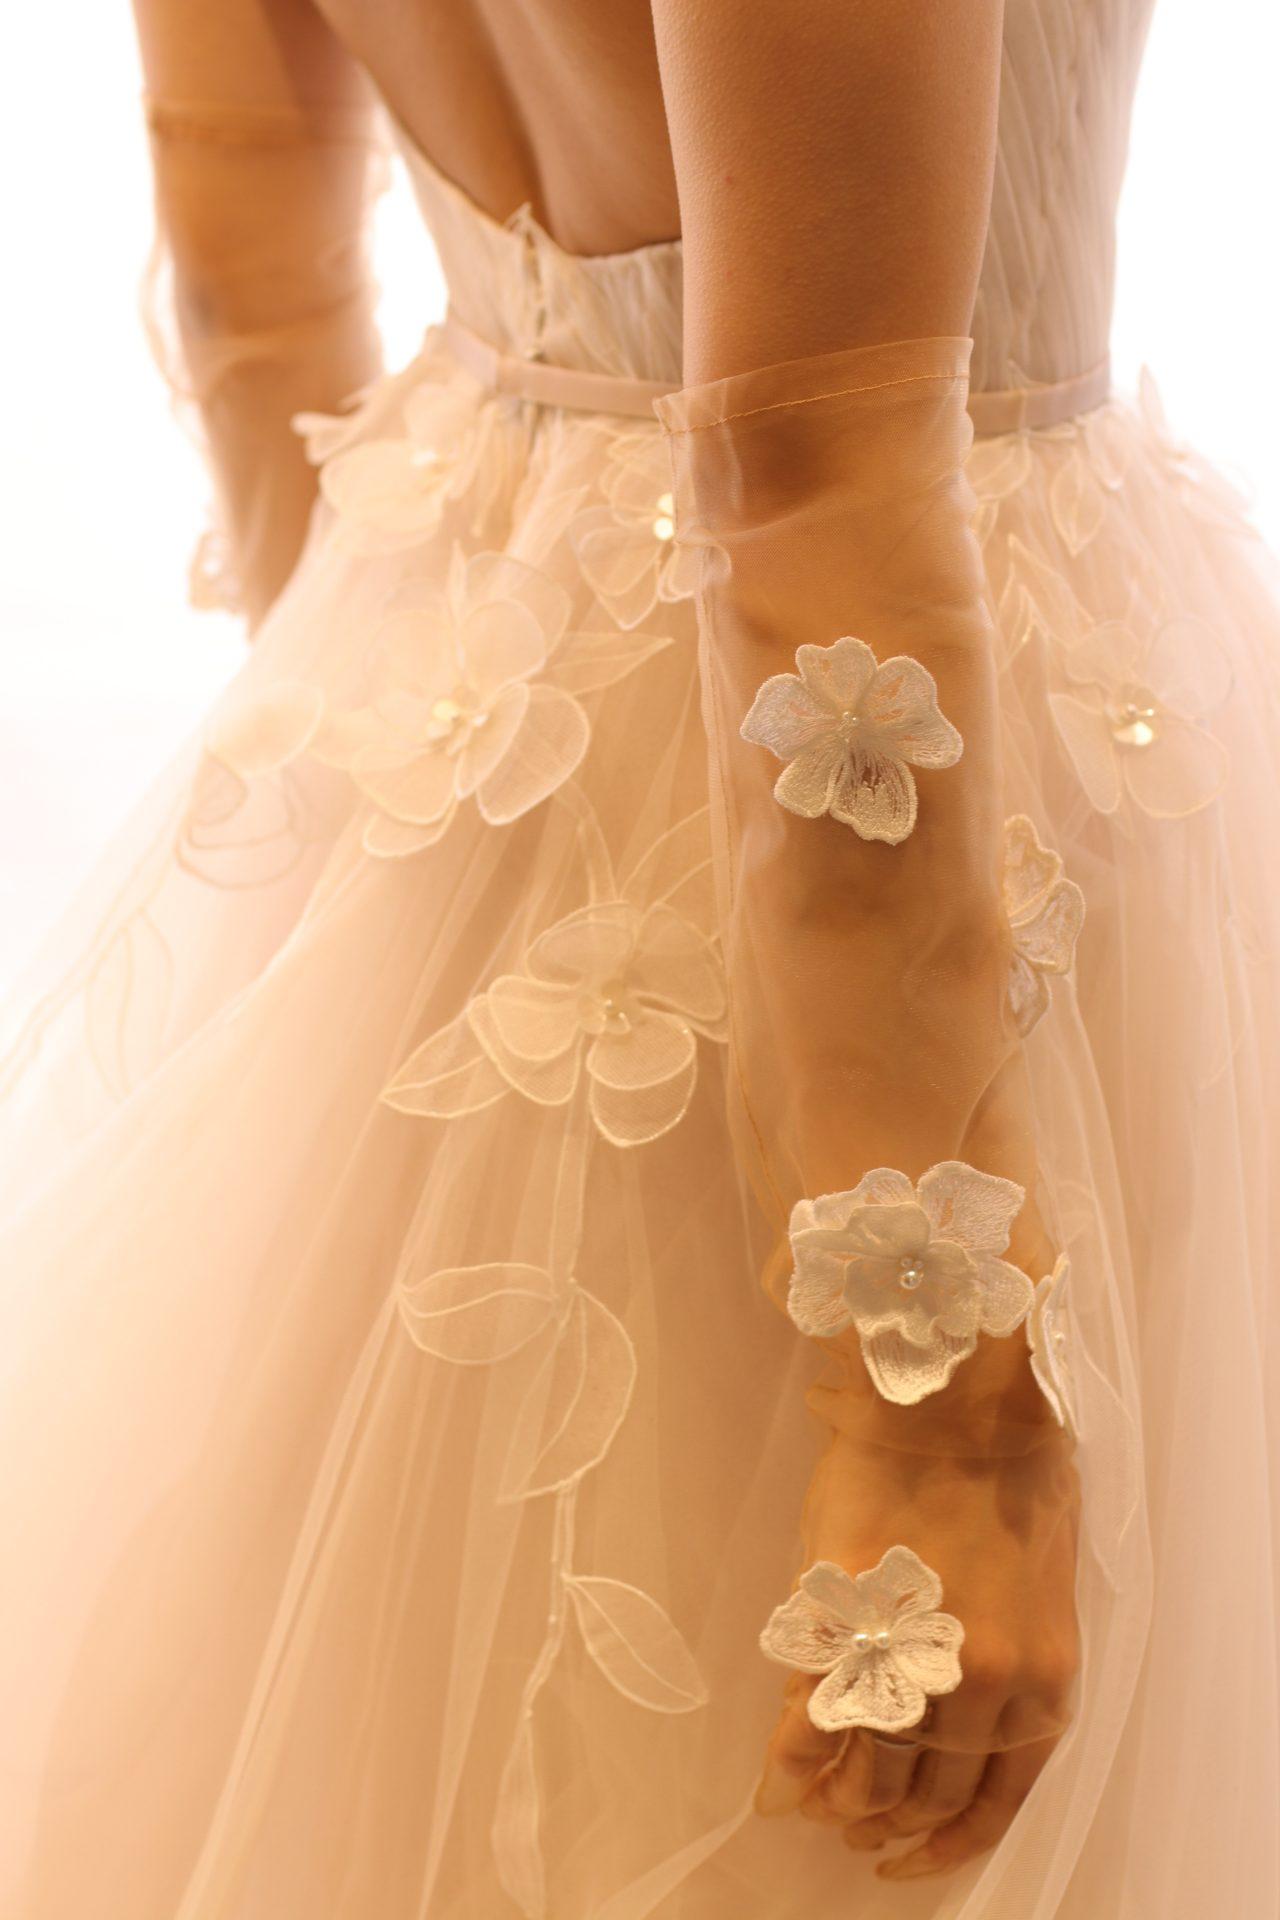 ザ・トリート・ドレッシングがNYよりセレクトした最旬のドレスブランド ミラ・ズウィリンガーのドレスは、立体的なお花のモチーフが目を惹くフェミニンでファッショナブルな1着です